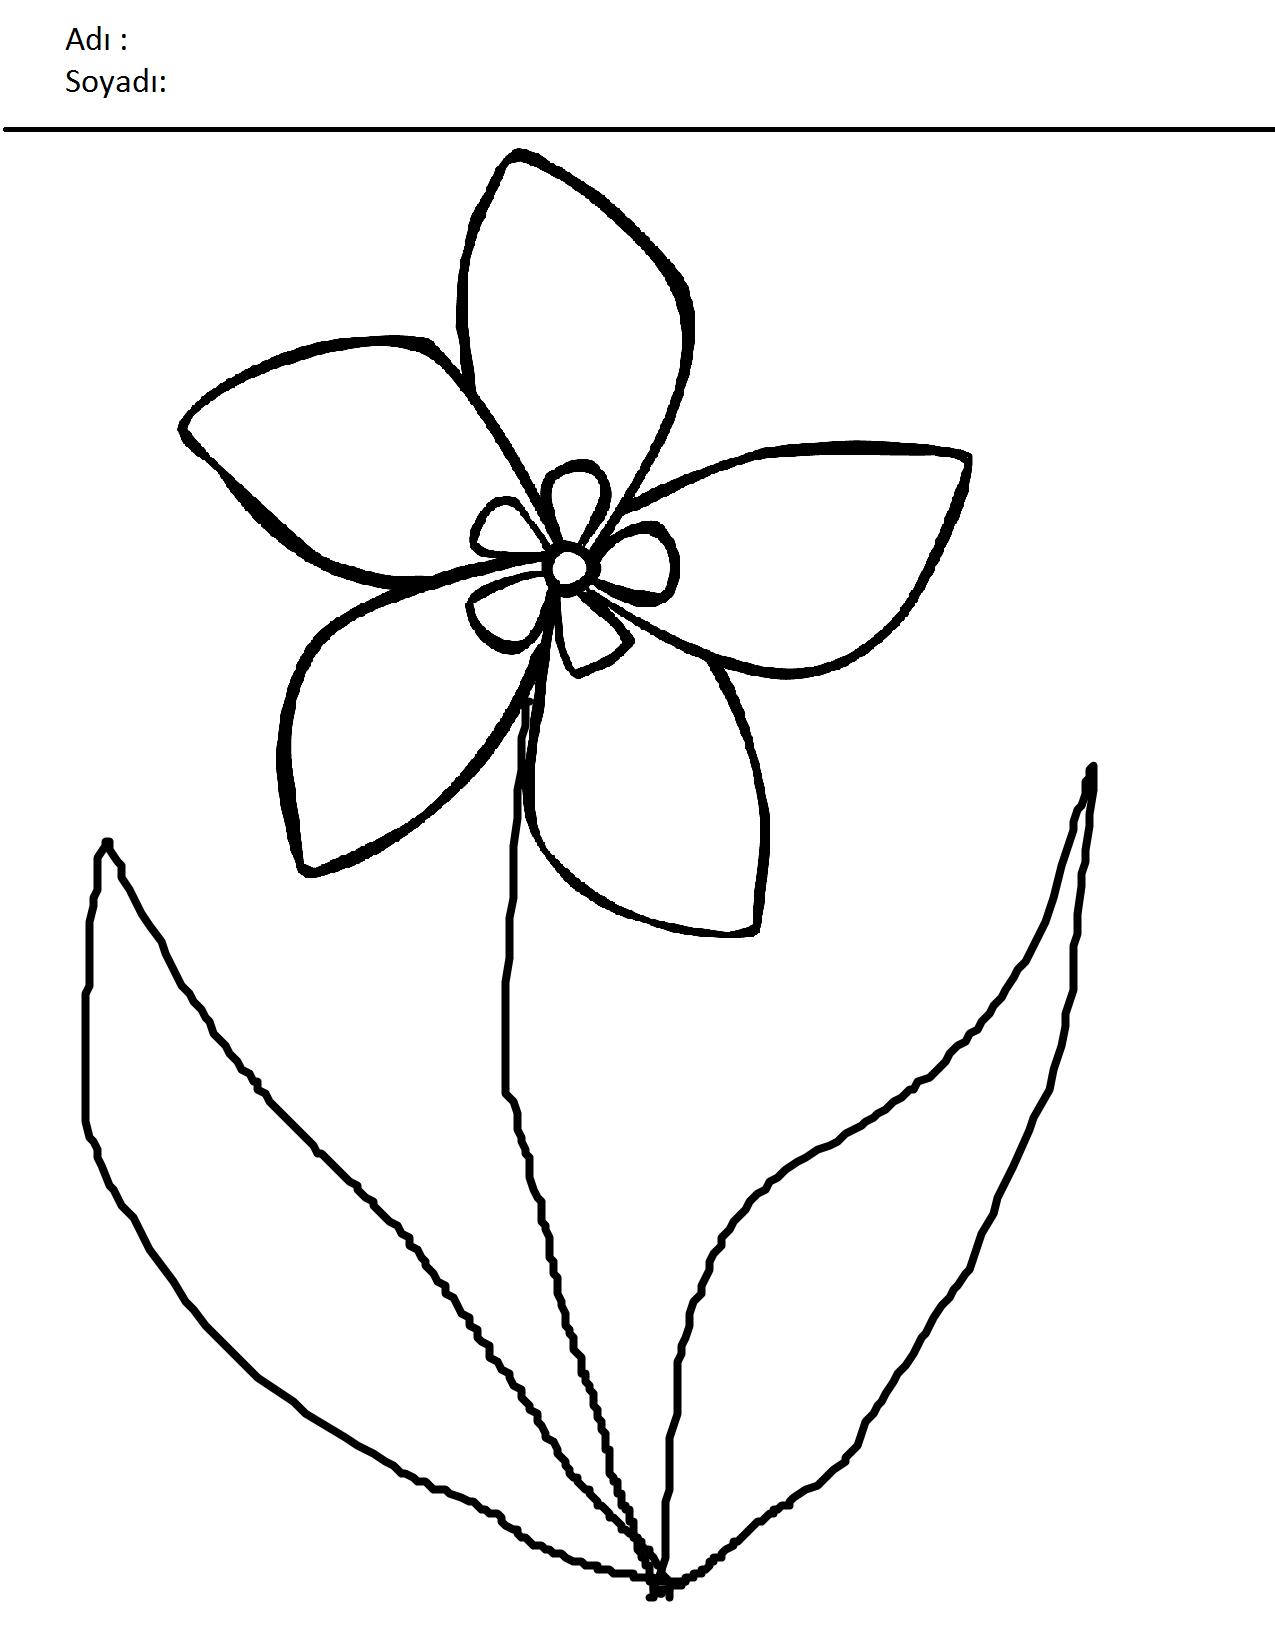 çiçekler Boyama Sayfaları Sayfa 8 8 Arabulokucom